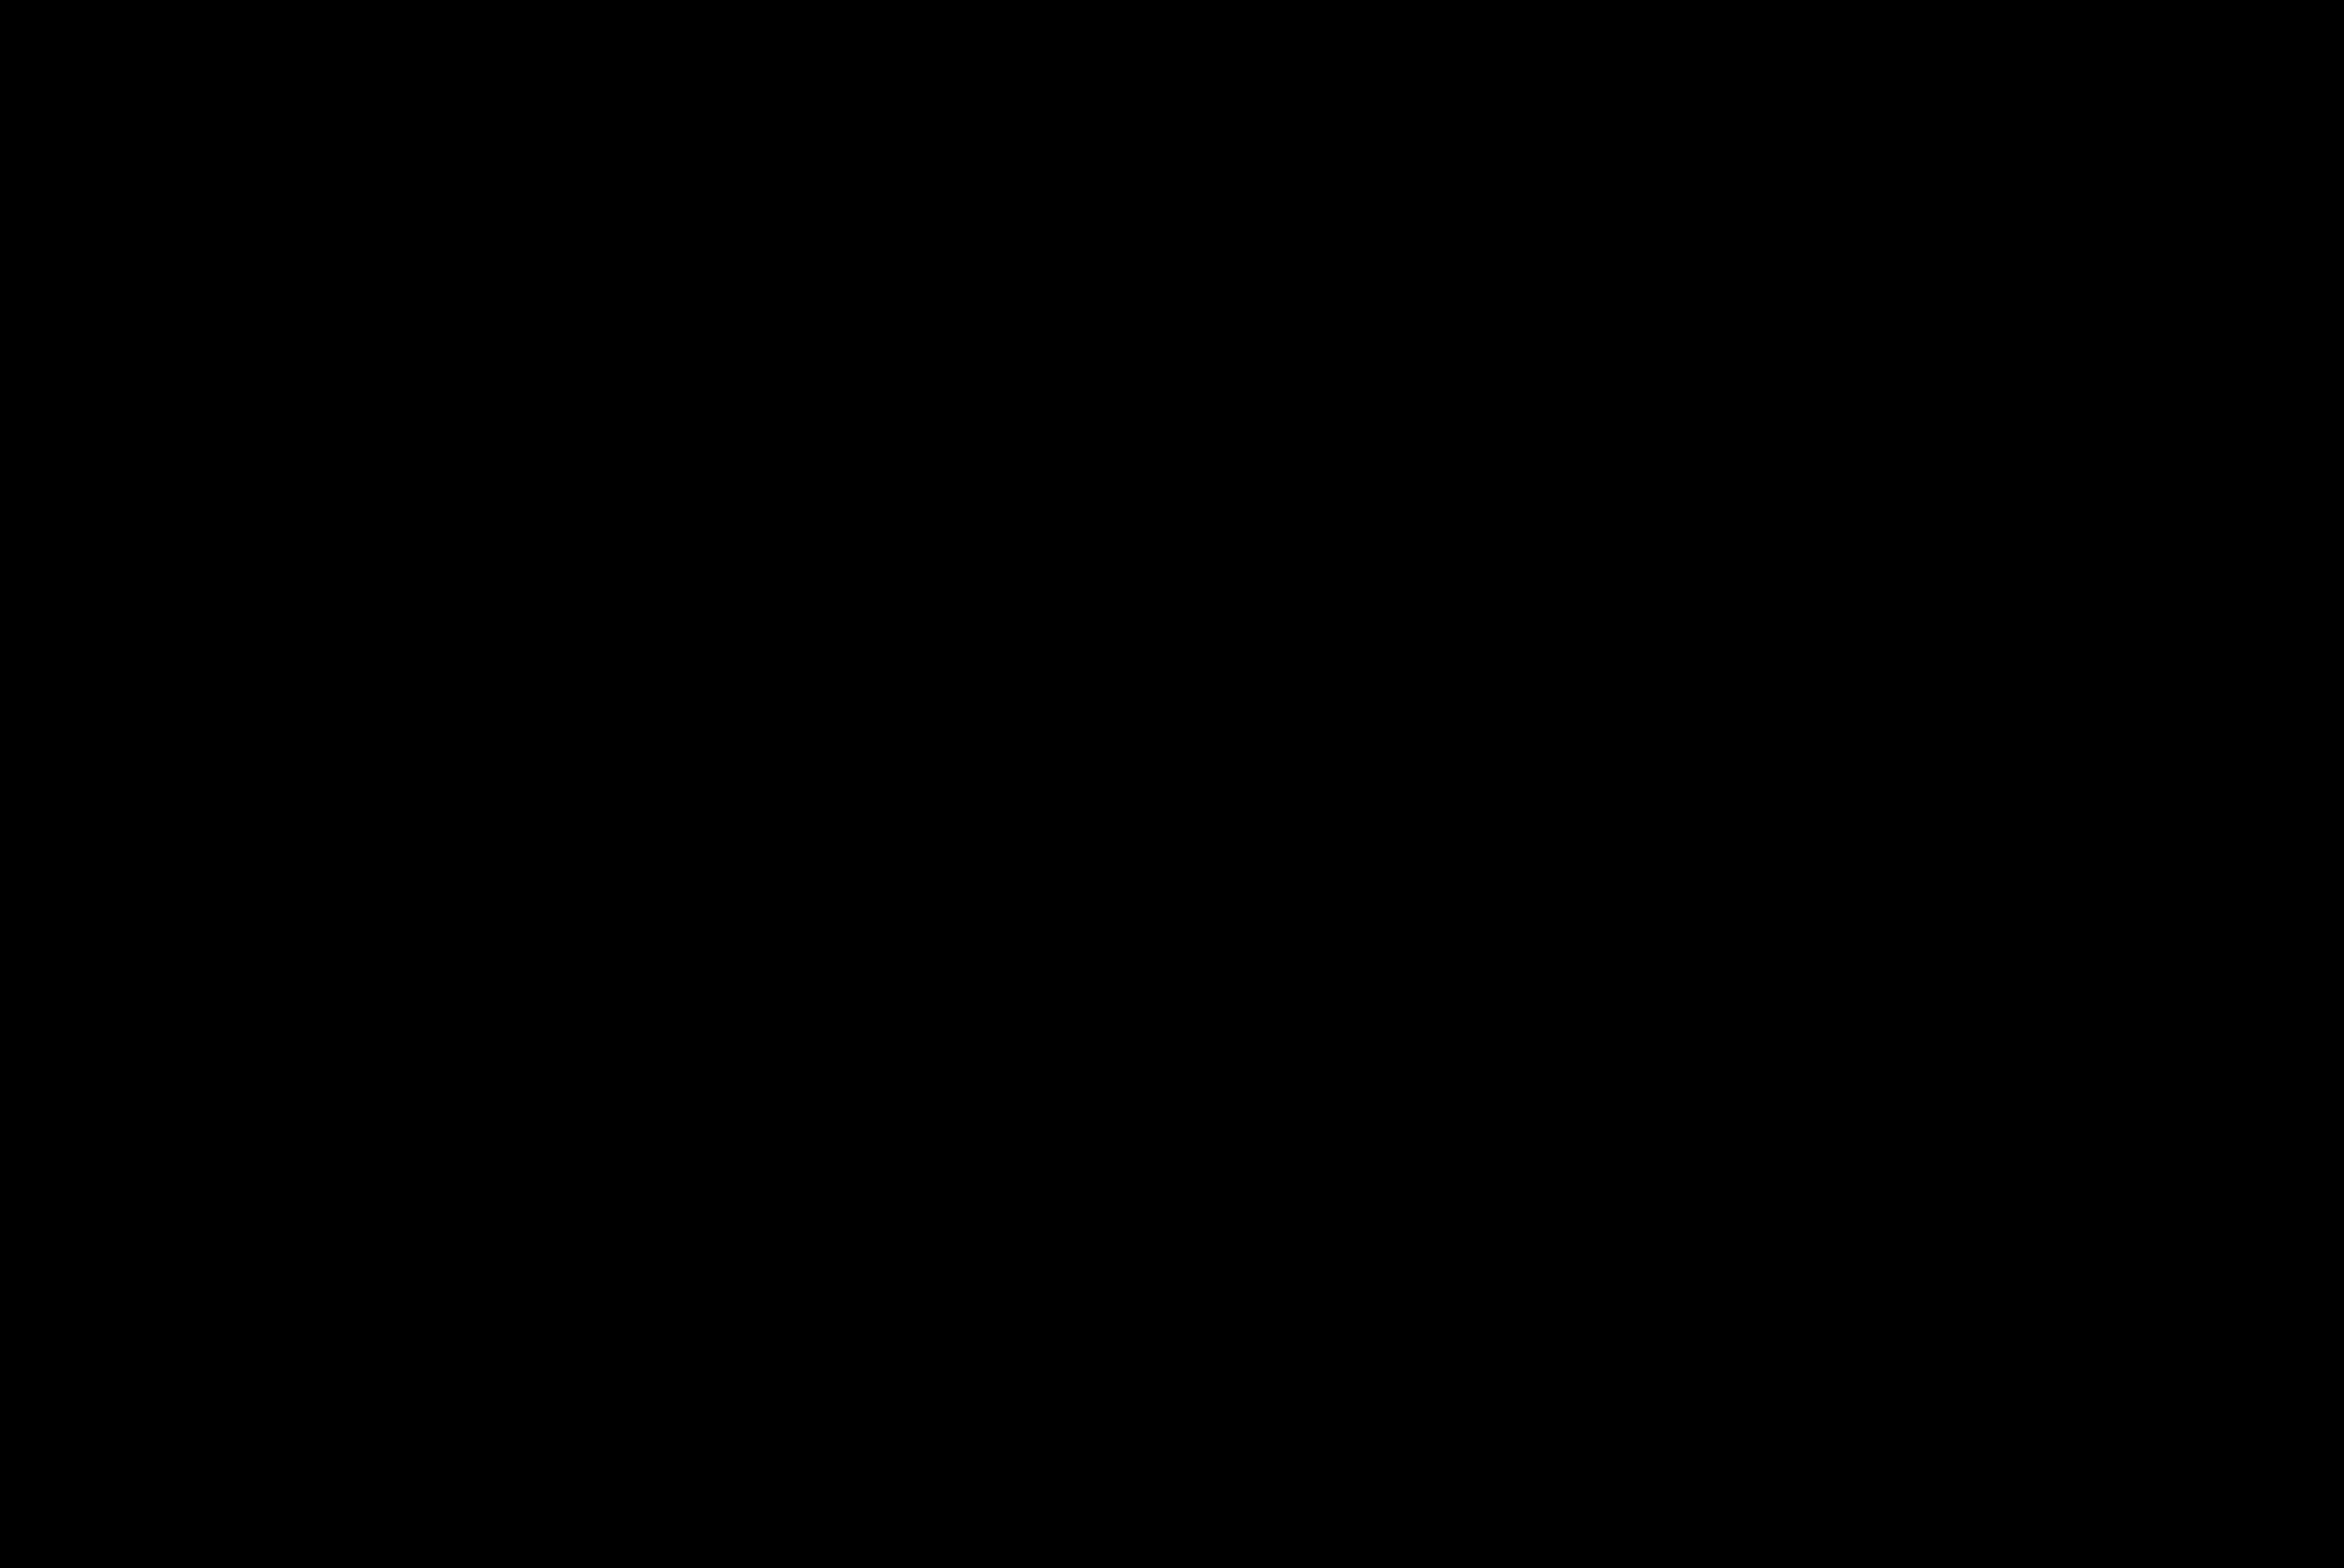 2019小儿眼科与斜视国家级继续教育学习班(北京)